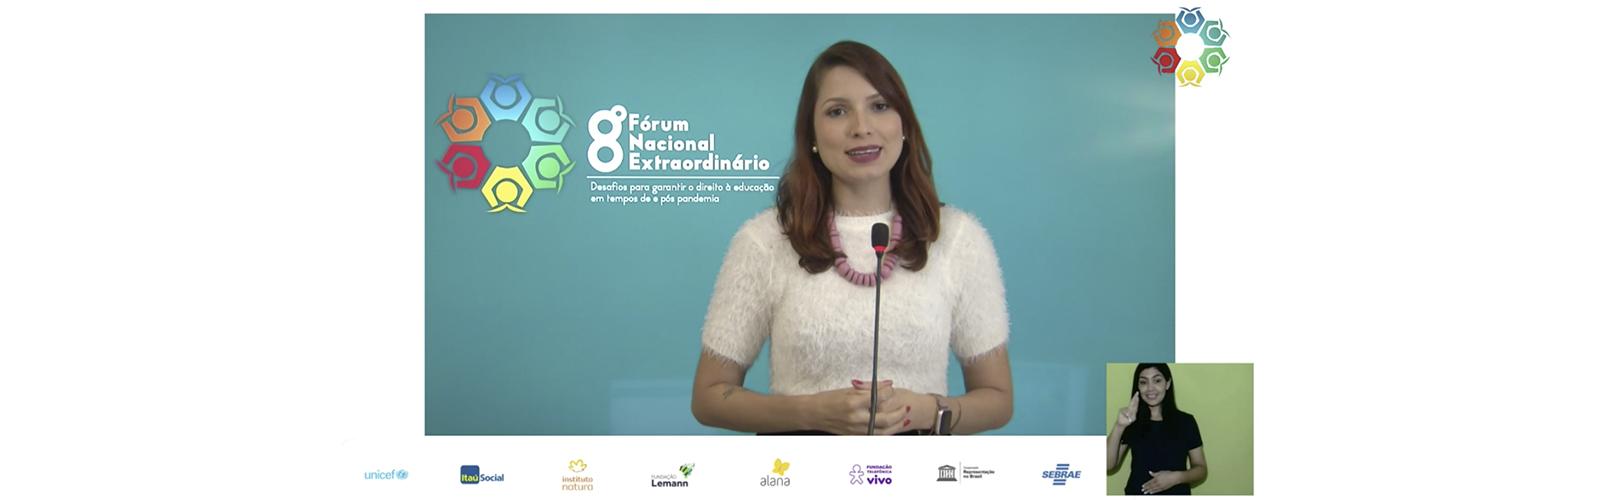 Imagem mostra apresentadora vestindo branco em um evento online. Ao fundo, se vê o logo do 8º Fórum Nacional Extraordinário – Desafios para garantir o direito à educação em tempos de e pós pandemia